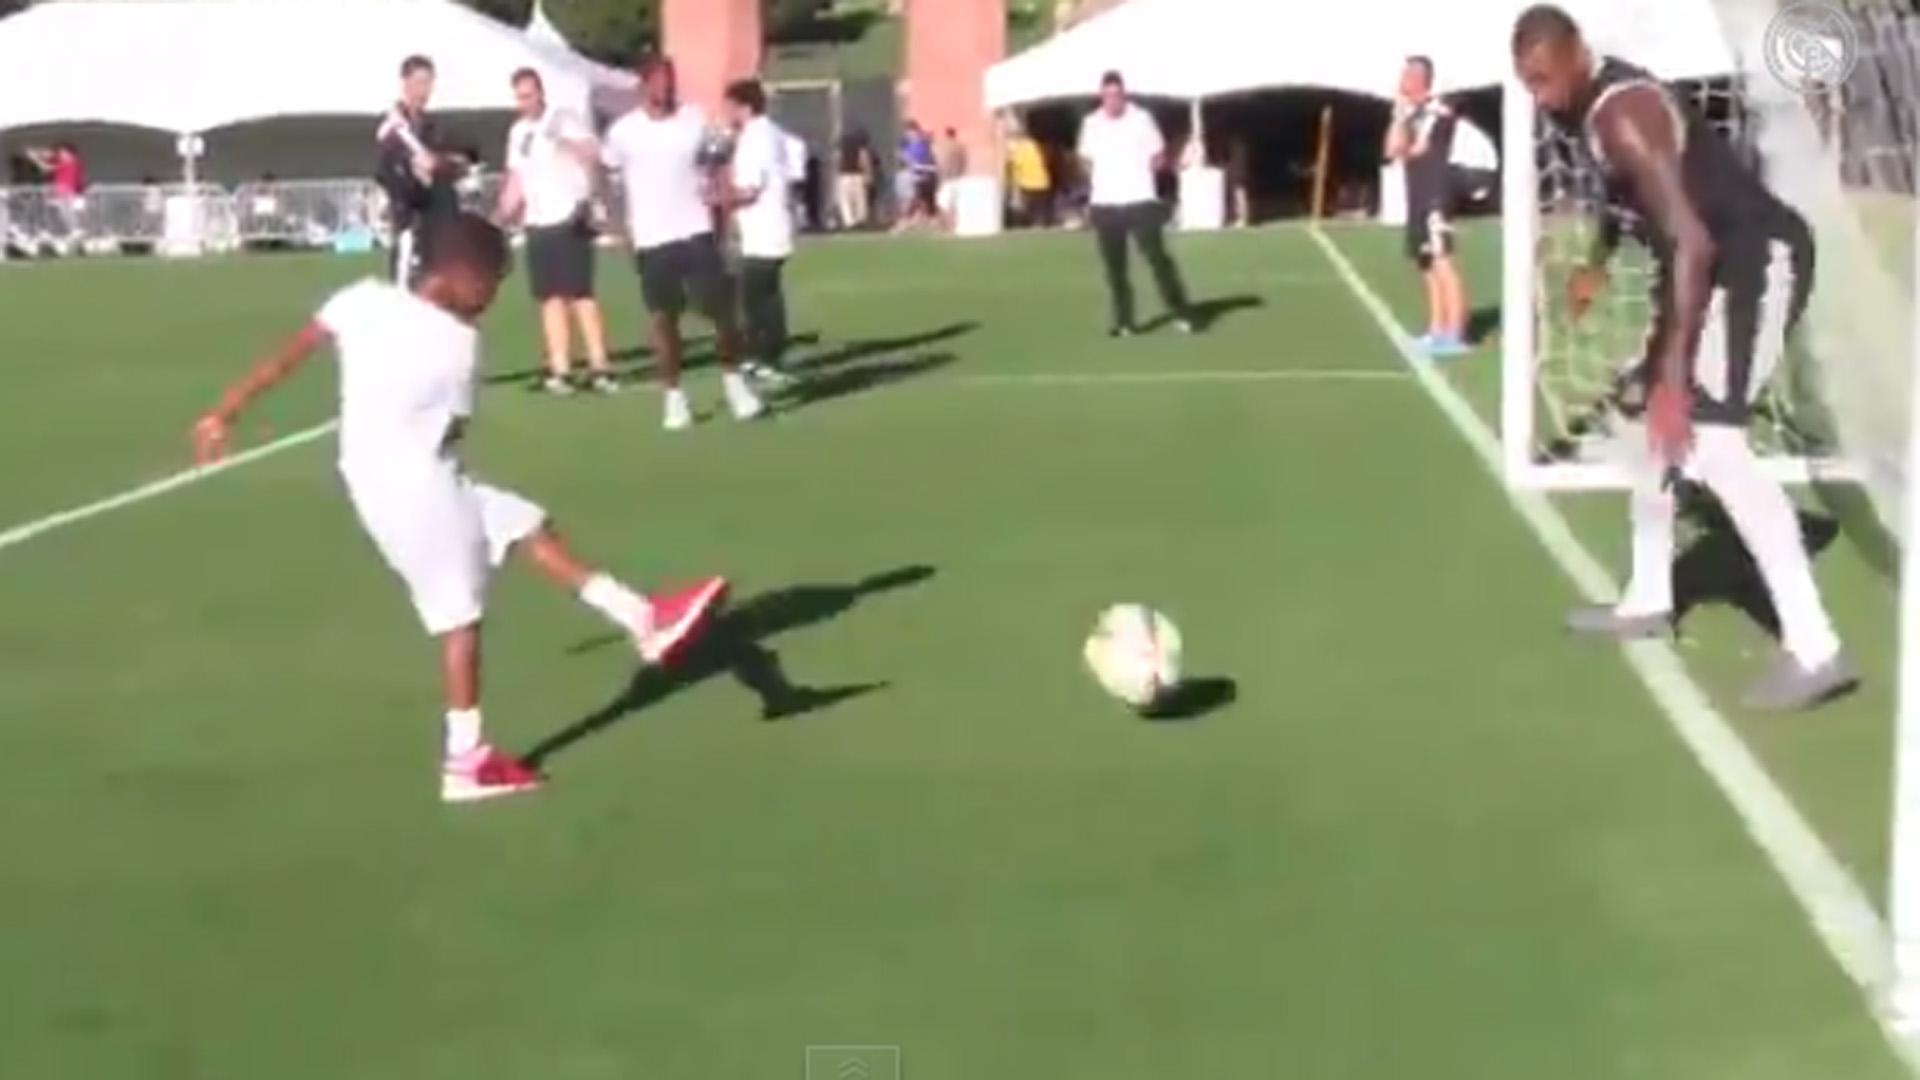 carmelo-anthony-soccer-072414-youtube-ftr